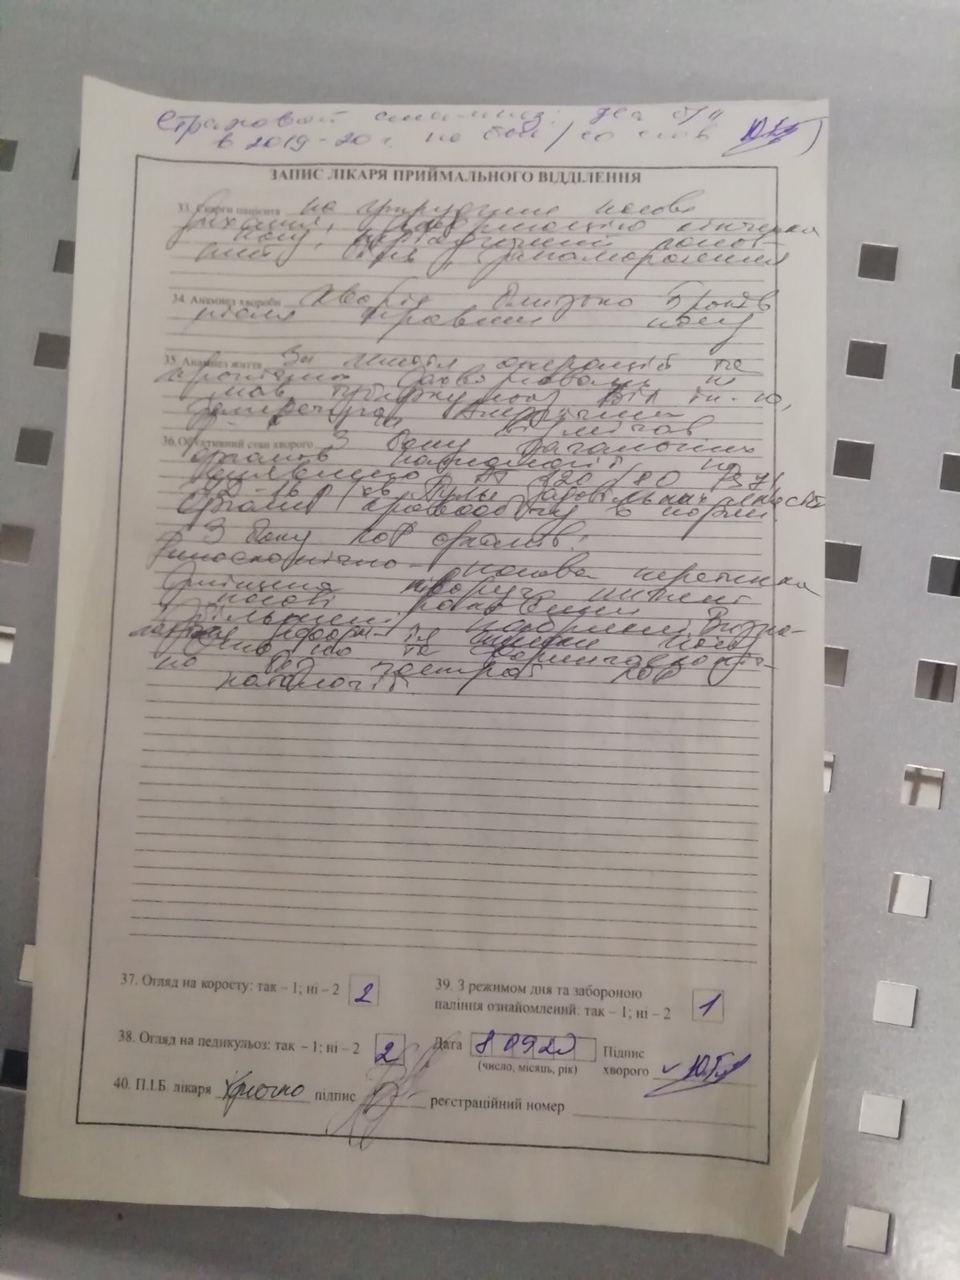 У Харкові студент впав у кому через лікарську помилку: деталі шокуючого інциденту